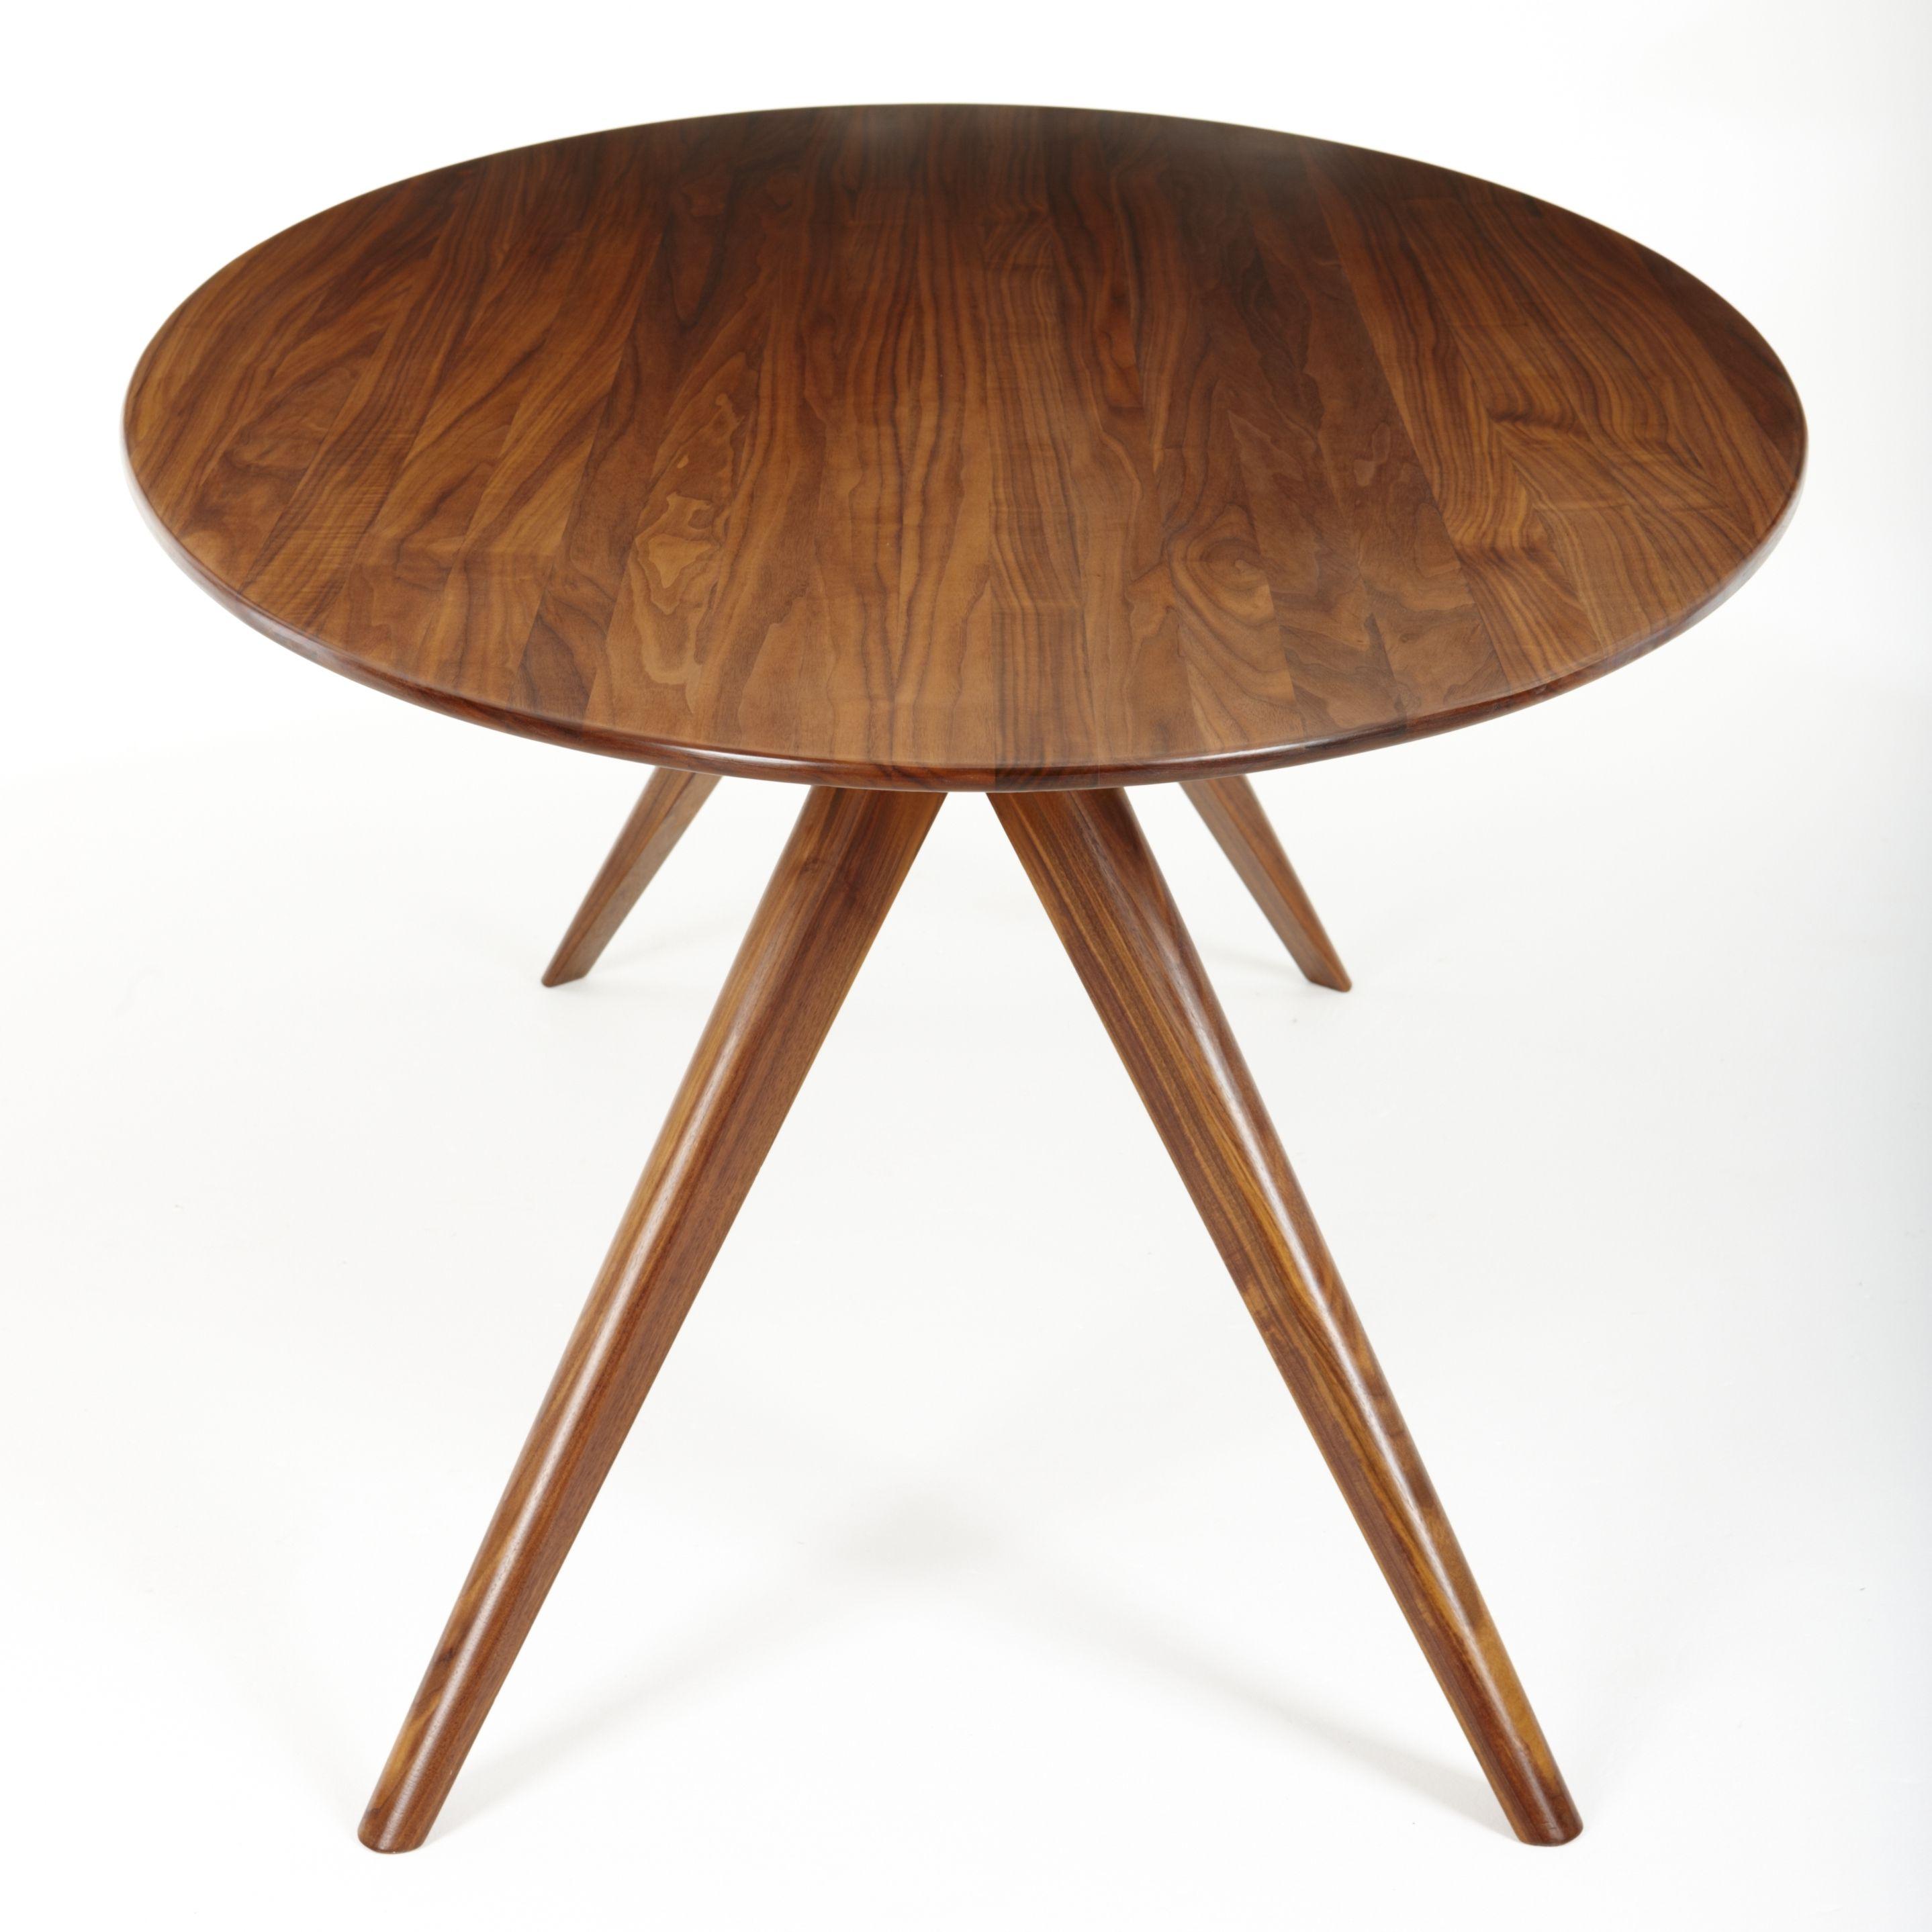 Tavolo Da Pranzo Ovale In Noce OSKAR Tavolo Ovale Dare Studio #724126 2877 2877 Dimensioni Di Un Tavolo Da Pranzo